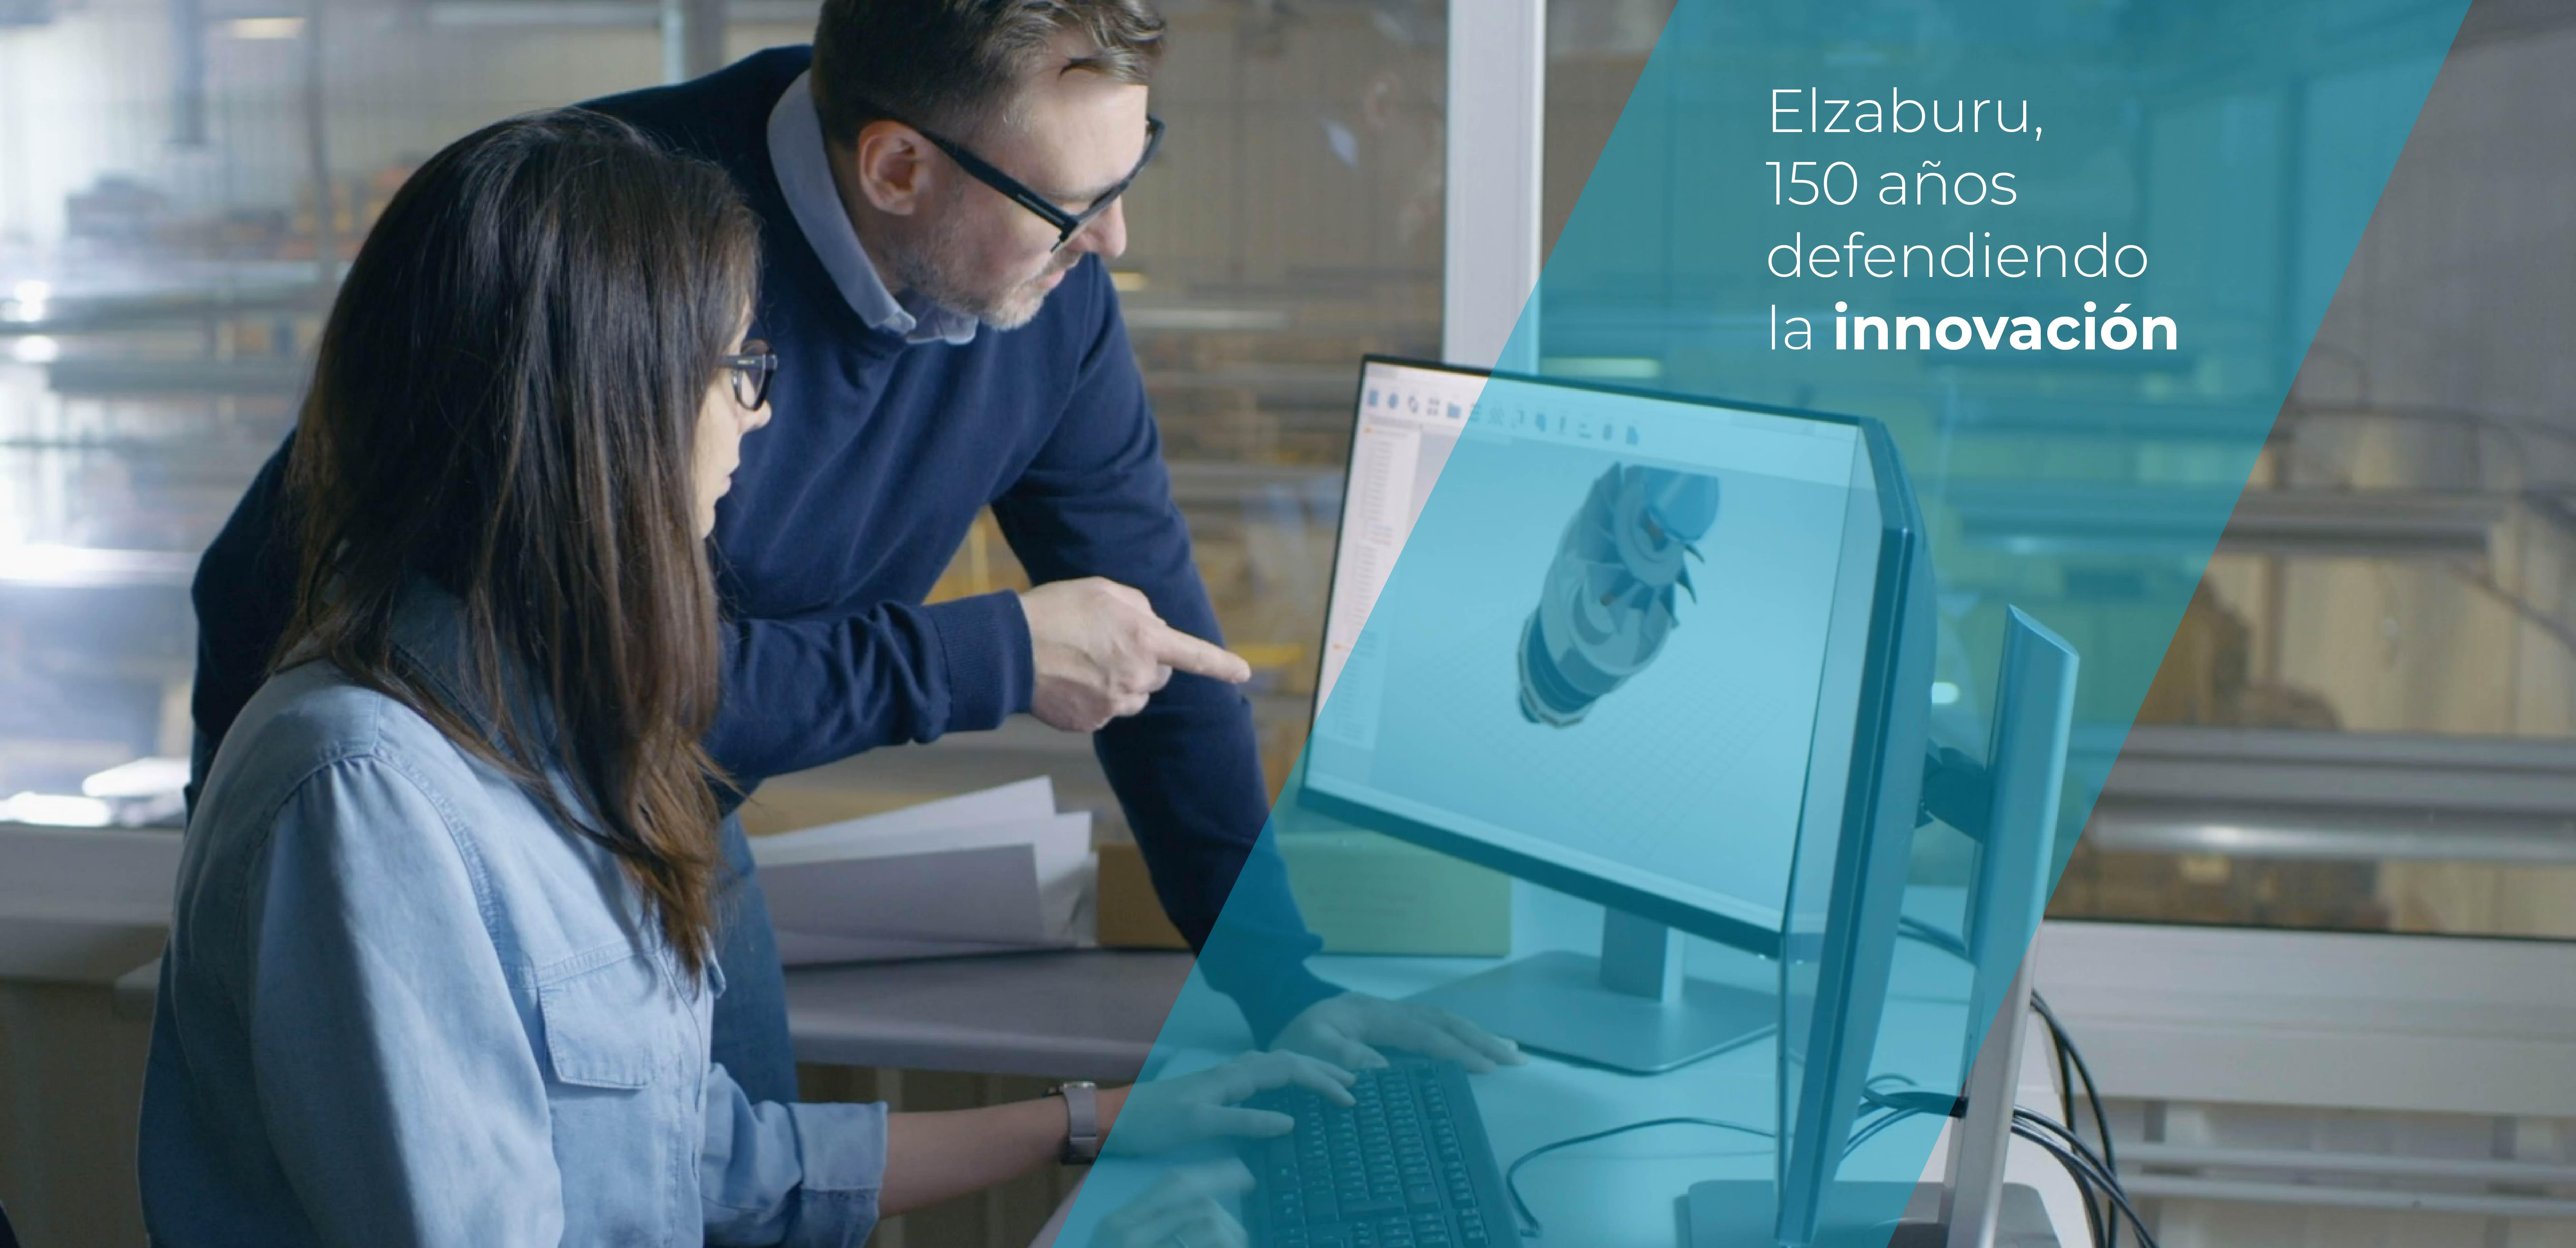 Elzaburu, 150 años defendiendo la innovación